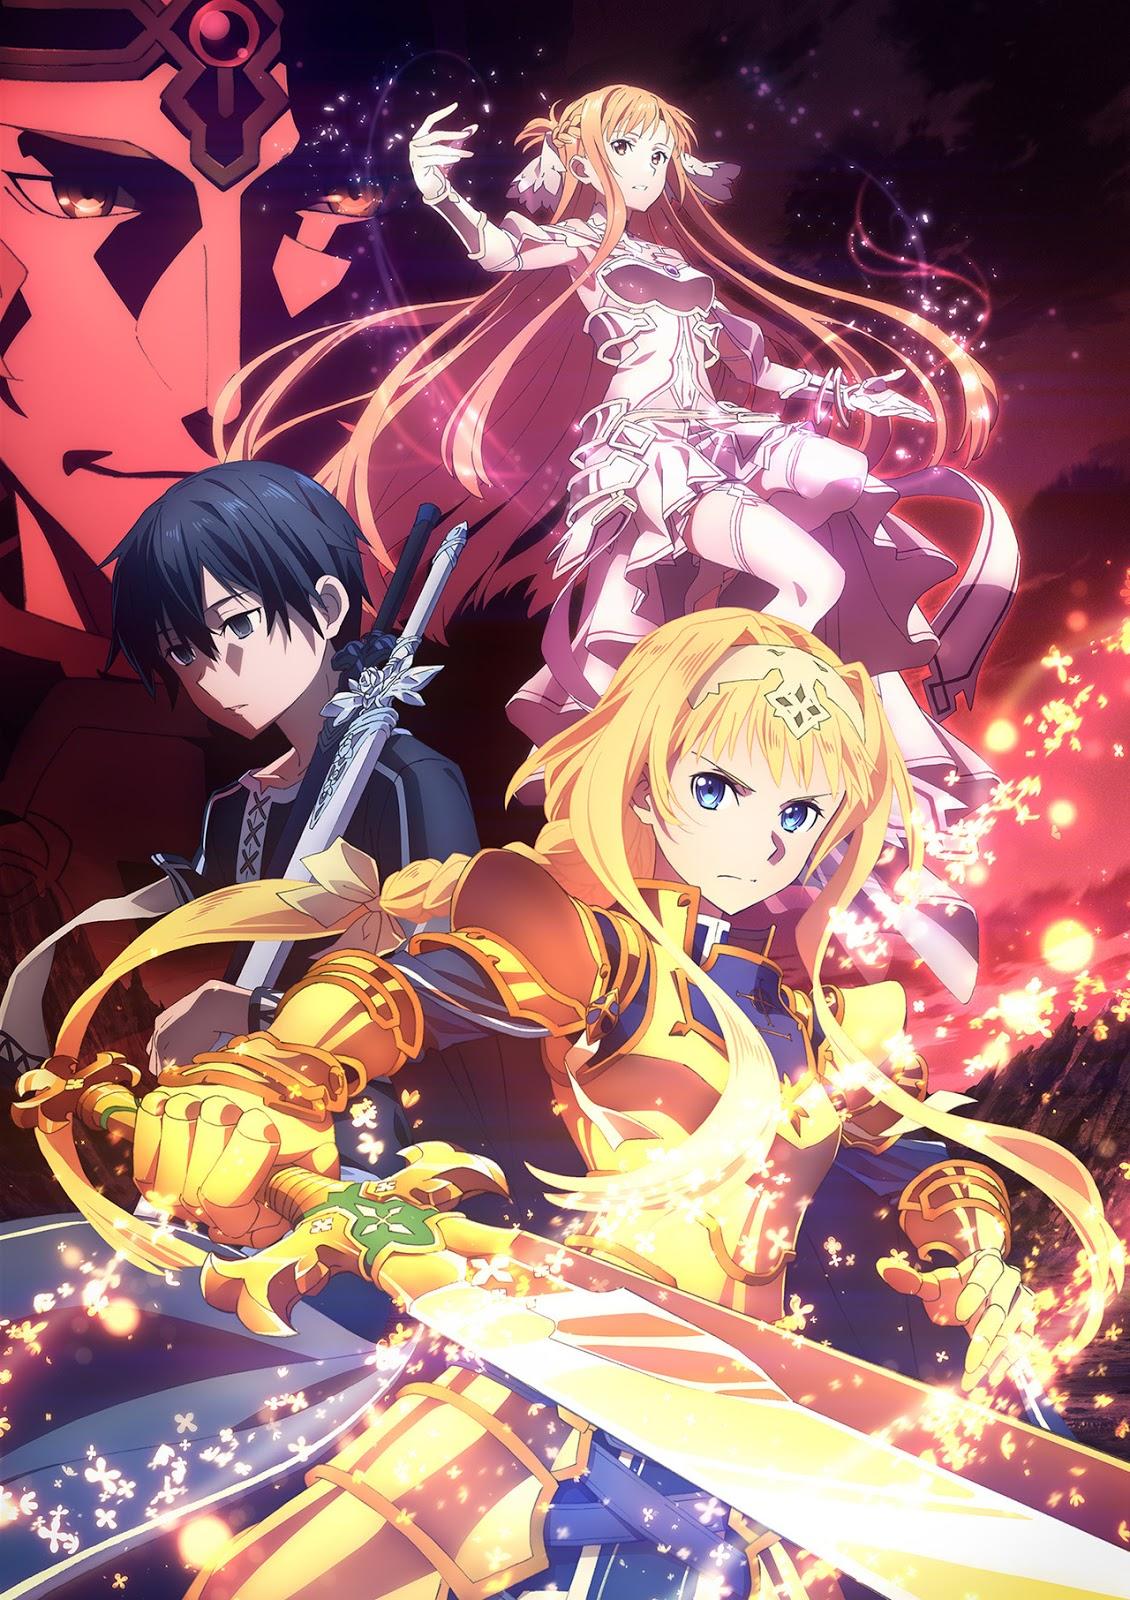 تقرير عن أنمي Sword Art Online: Alicization - War of Underworld